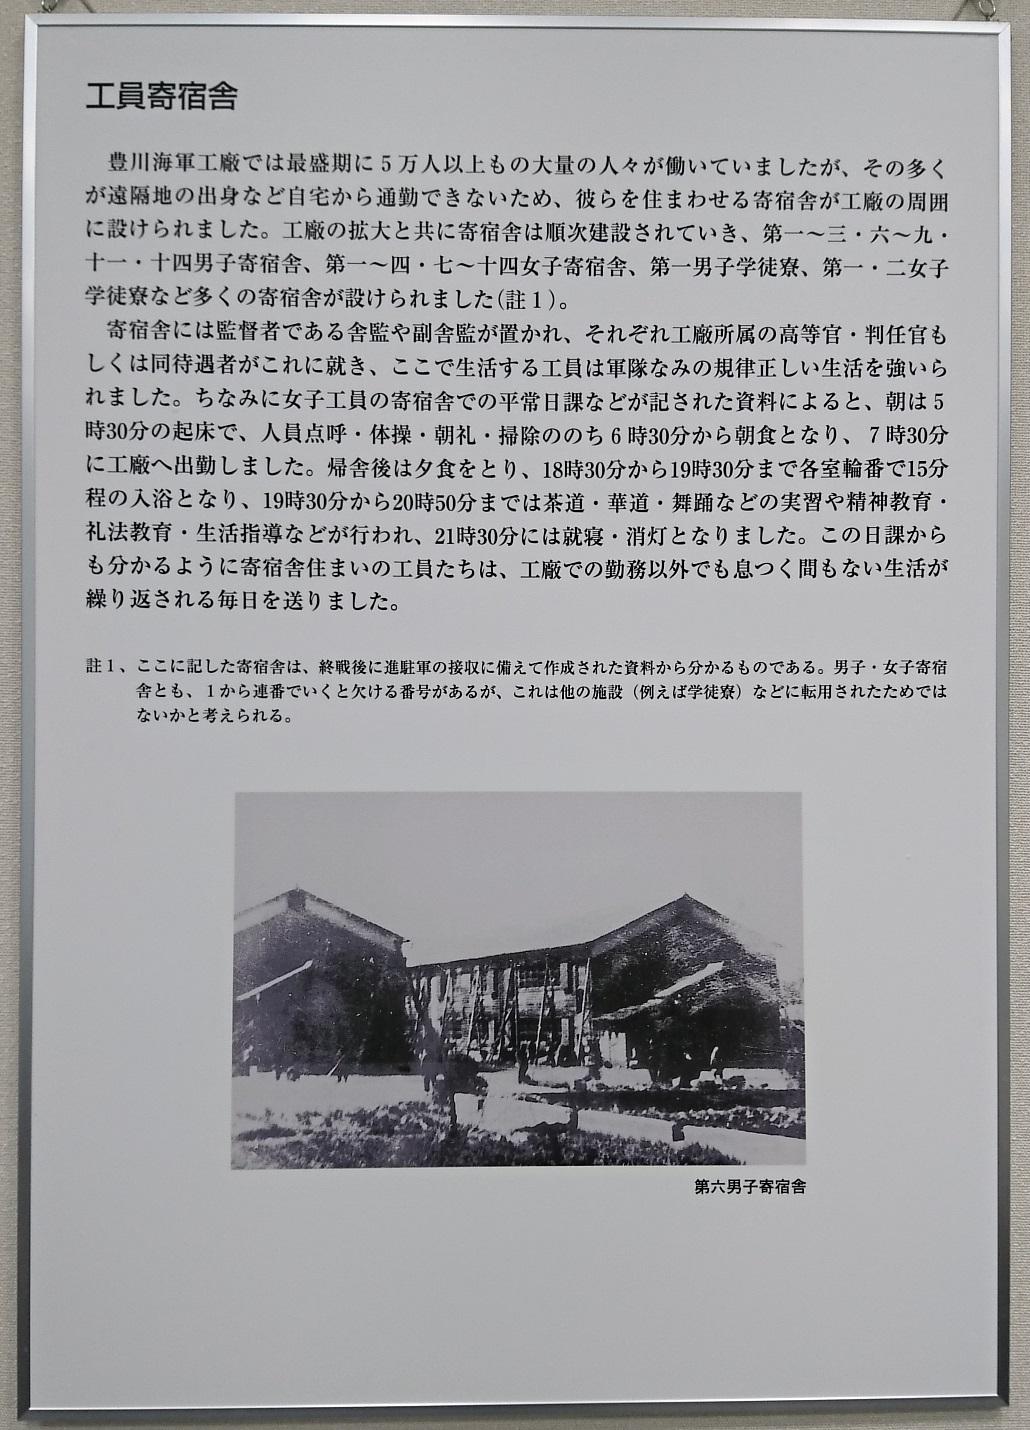 2017.8.30 豊川海軍工廠展 (14) 工員寄宿舎 1030-1430